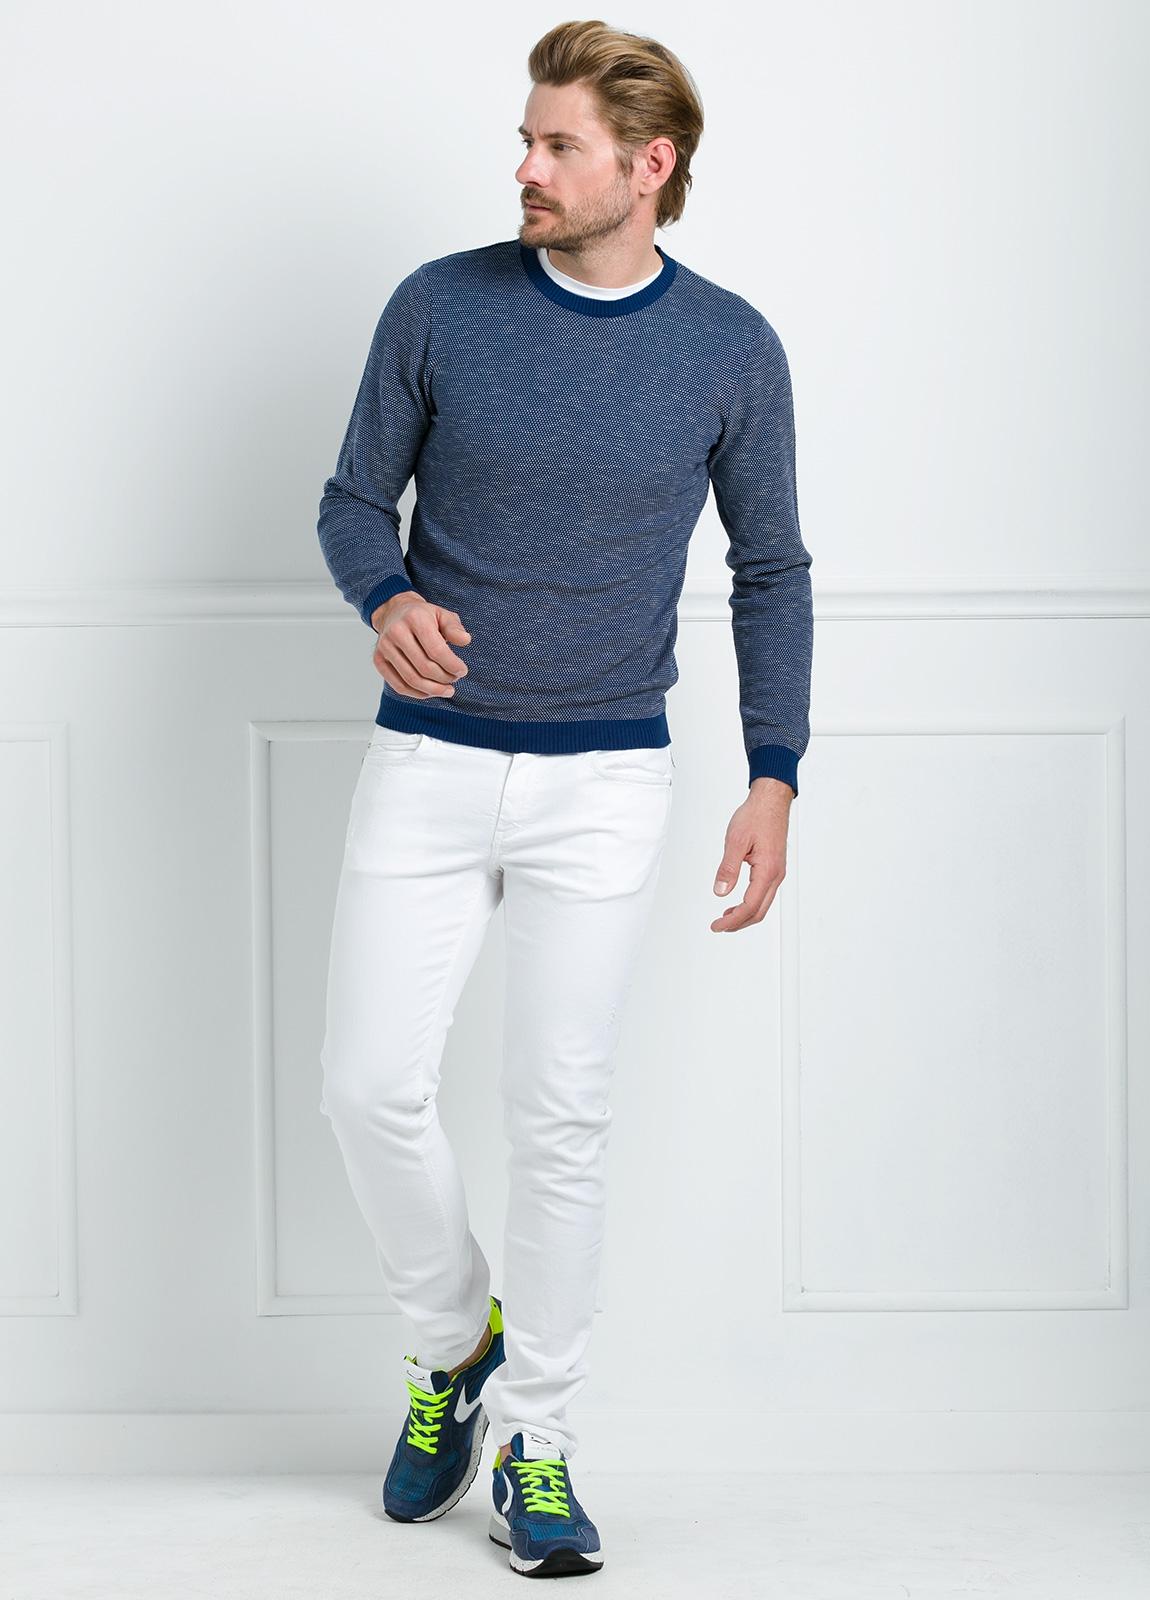 Jersey cuello redondo color azul. 100% algodón. - Ítem4